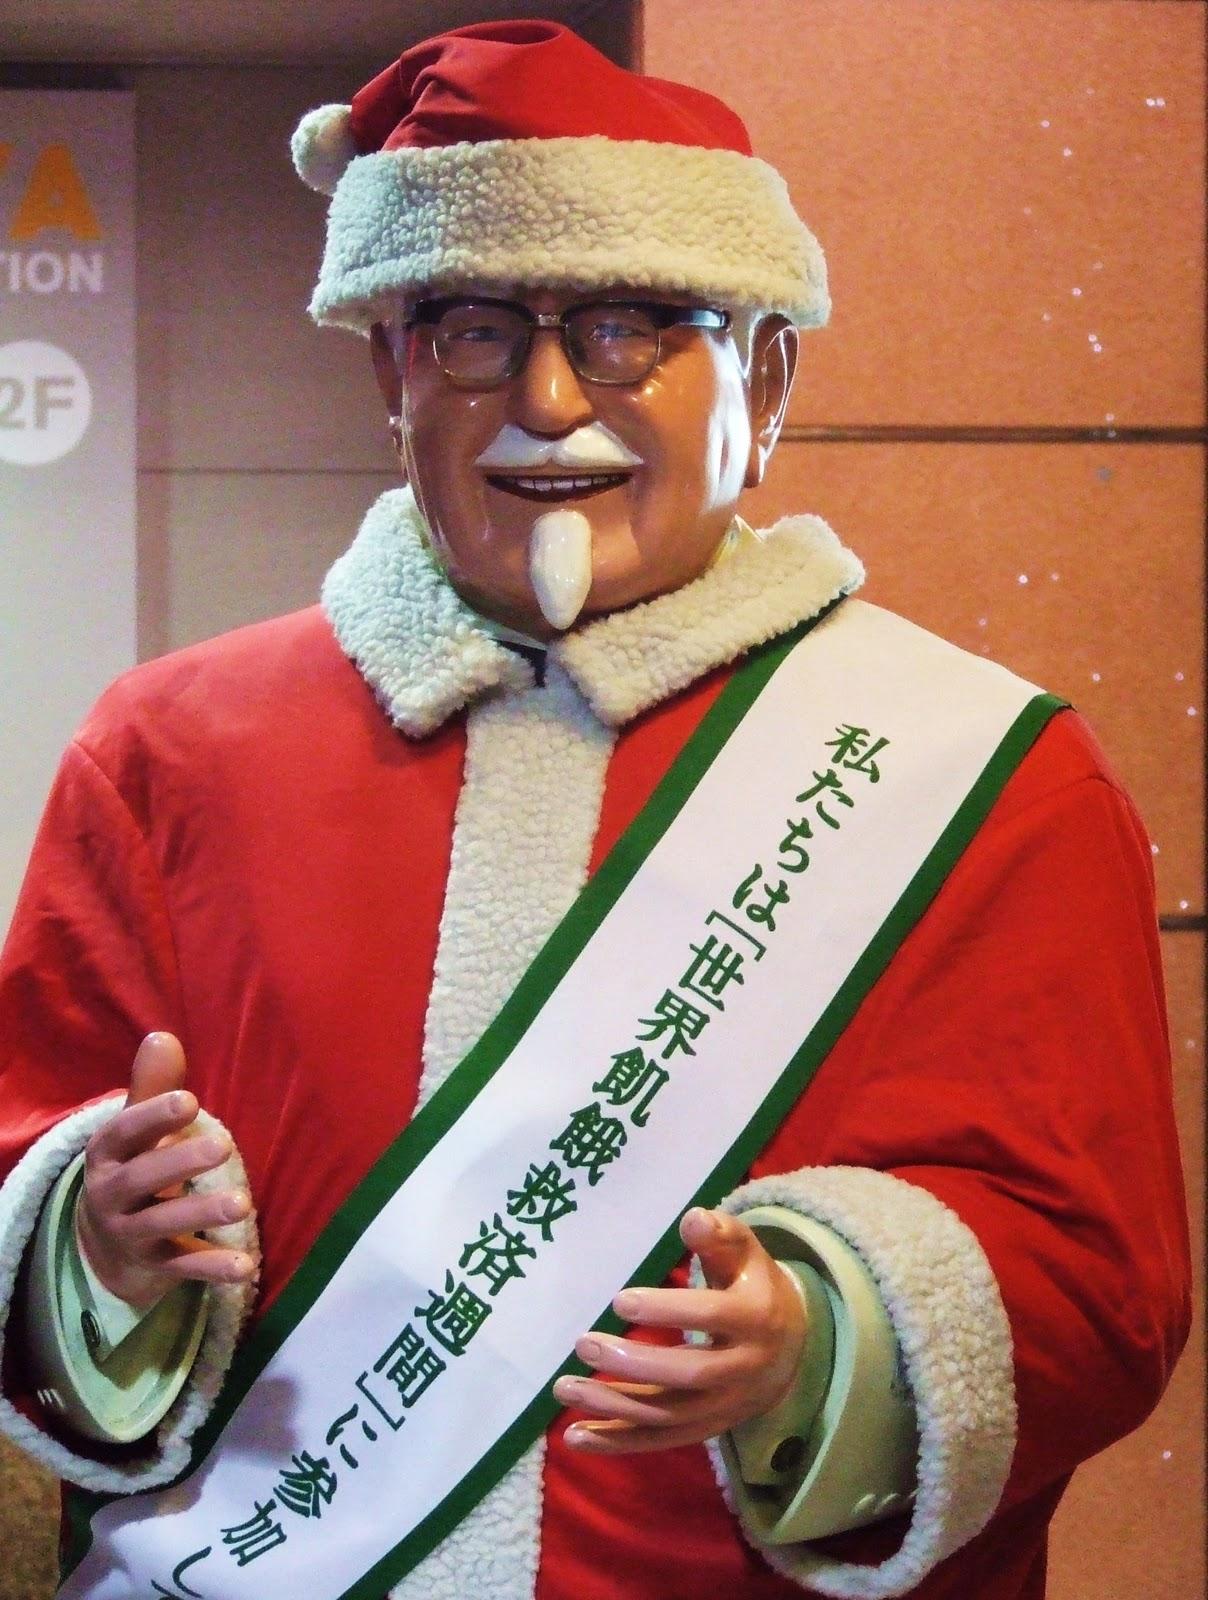 Col Sanders Santa Japan 2.JPG